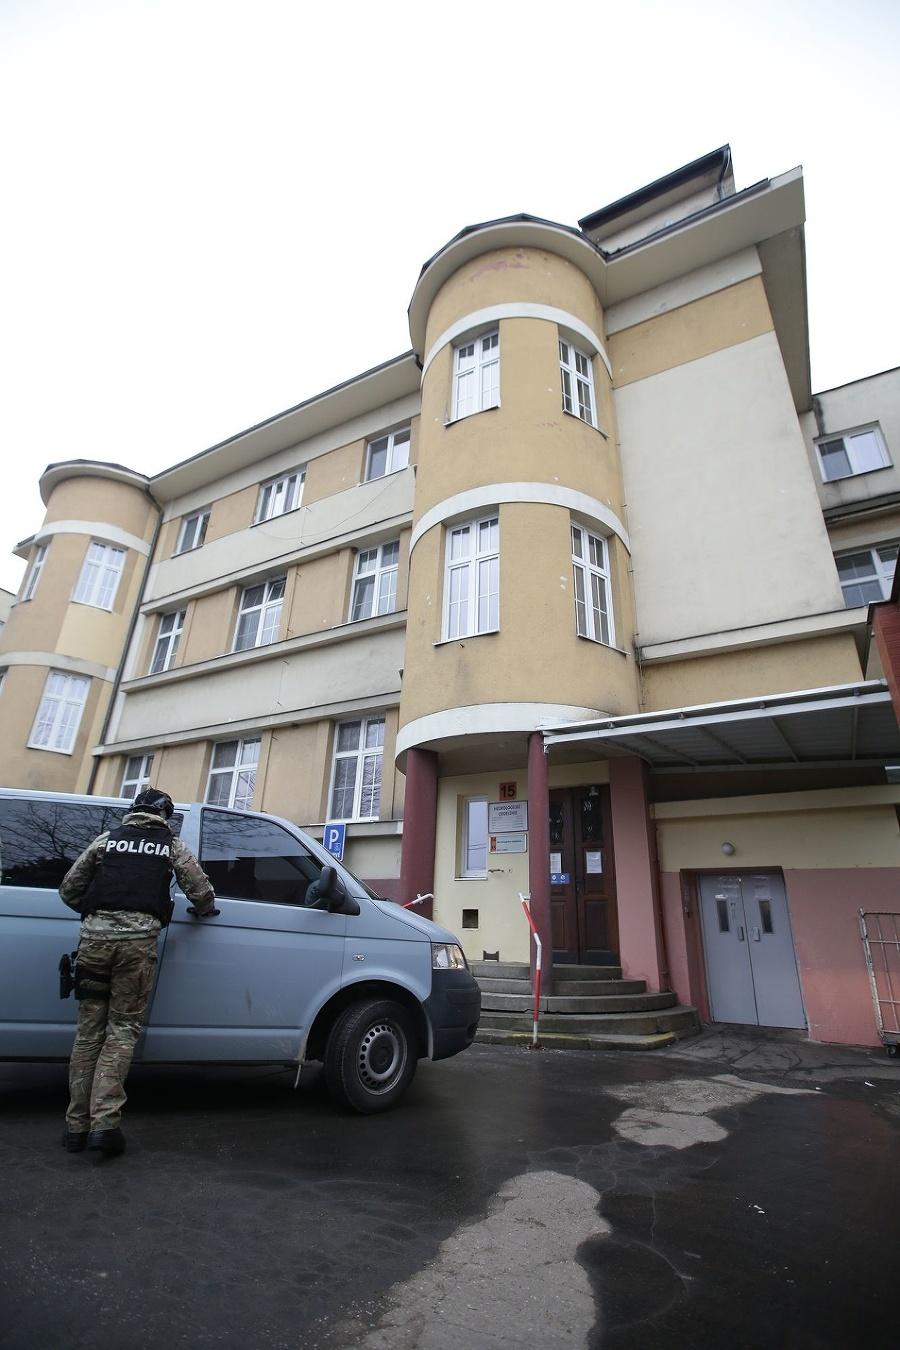 Moniku Jankovskú hospitalizovali v